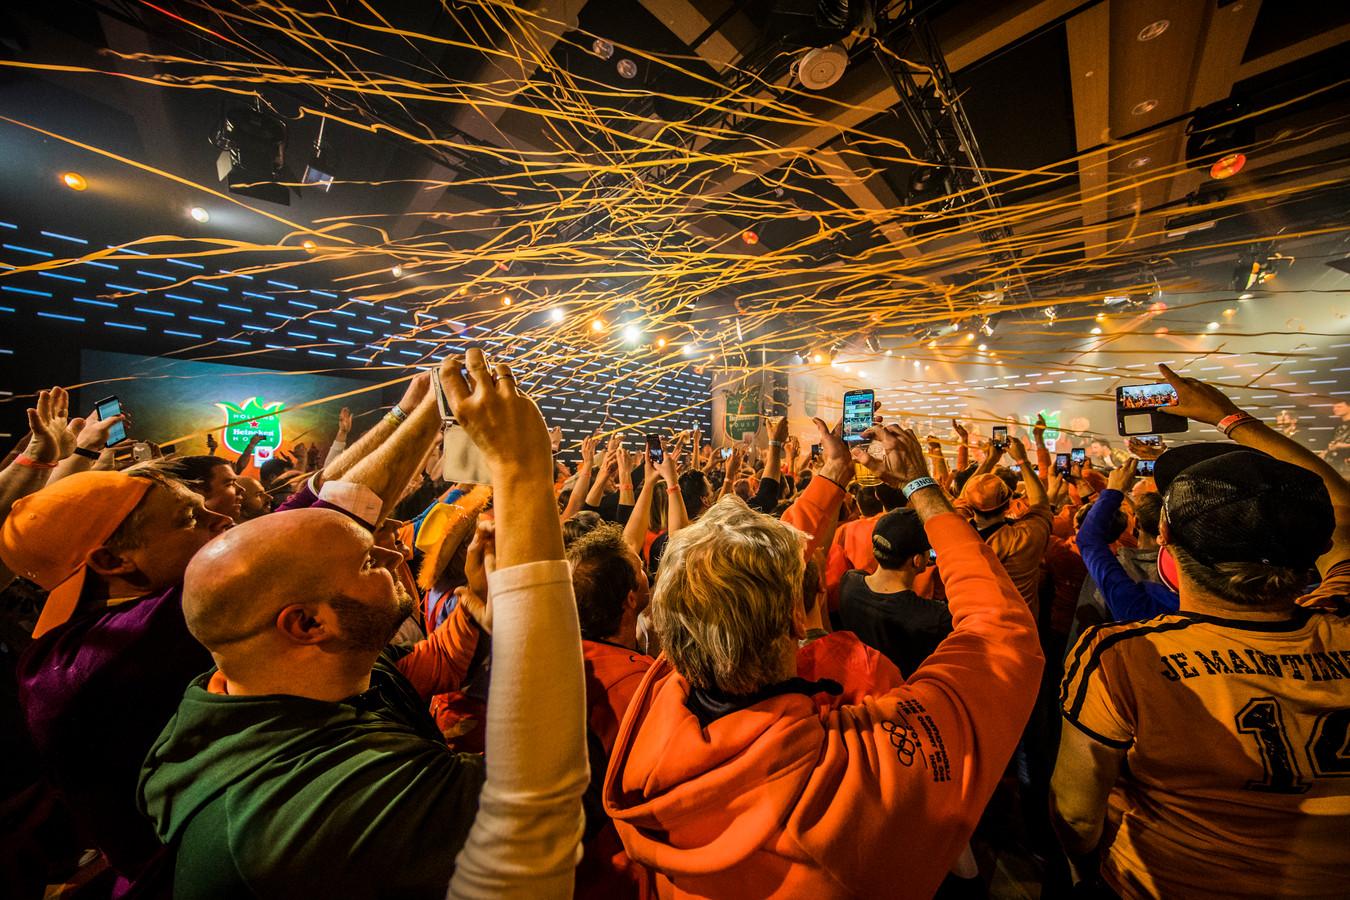 Foto ter illustratie: bezoekers vieren feest in het Holland Heineken House tijdens de Olympische Spelen.